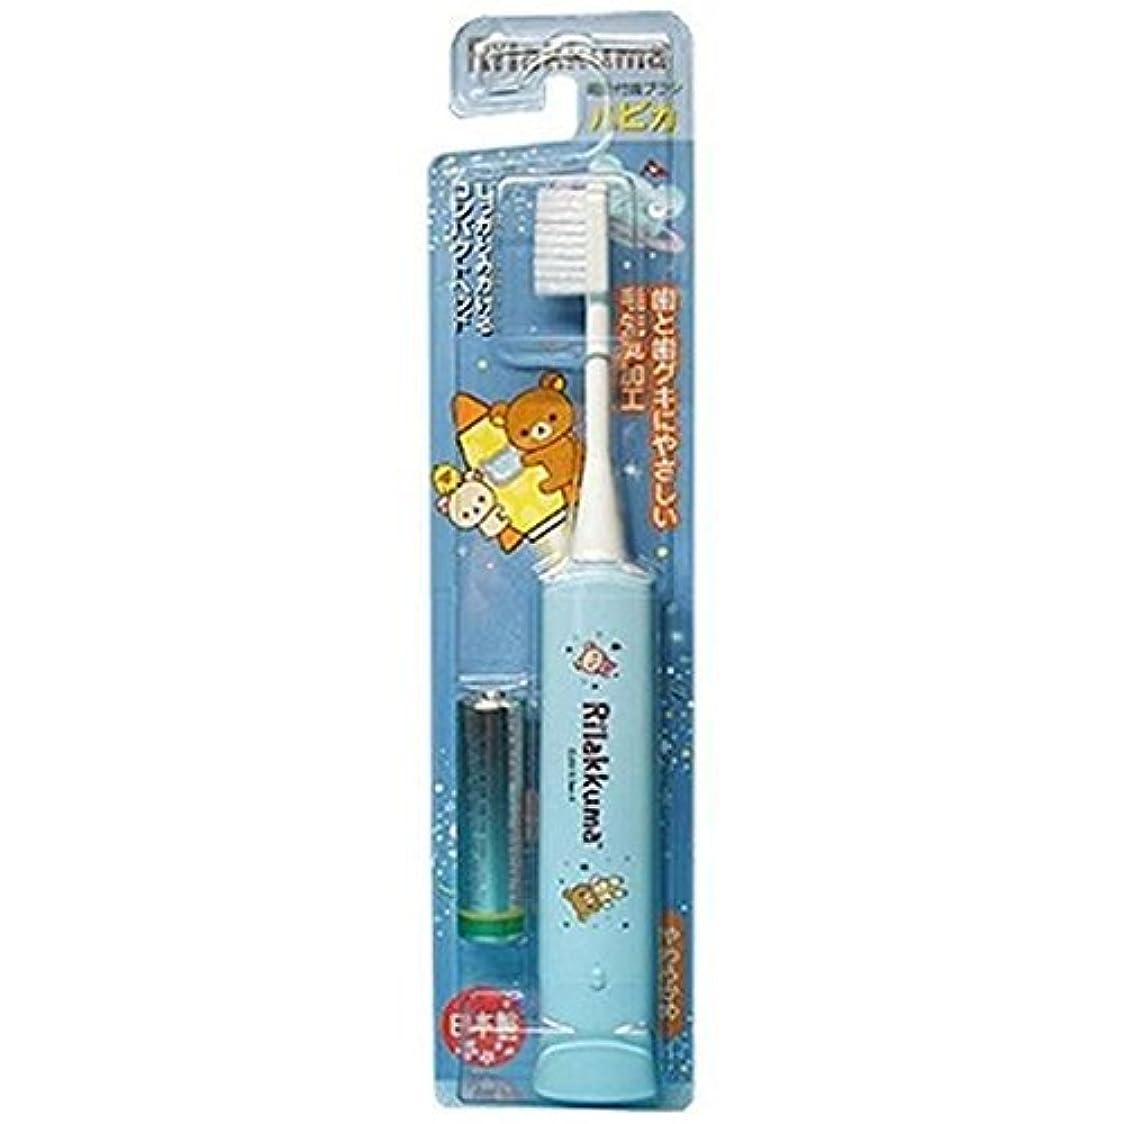 測る腐食する振り返るミニマム 電動付歯ブラシ リラックマハピカ ブルー 毛の硬さ:やわらかめ DBM-5B(RK)